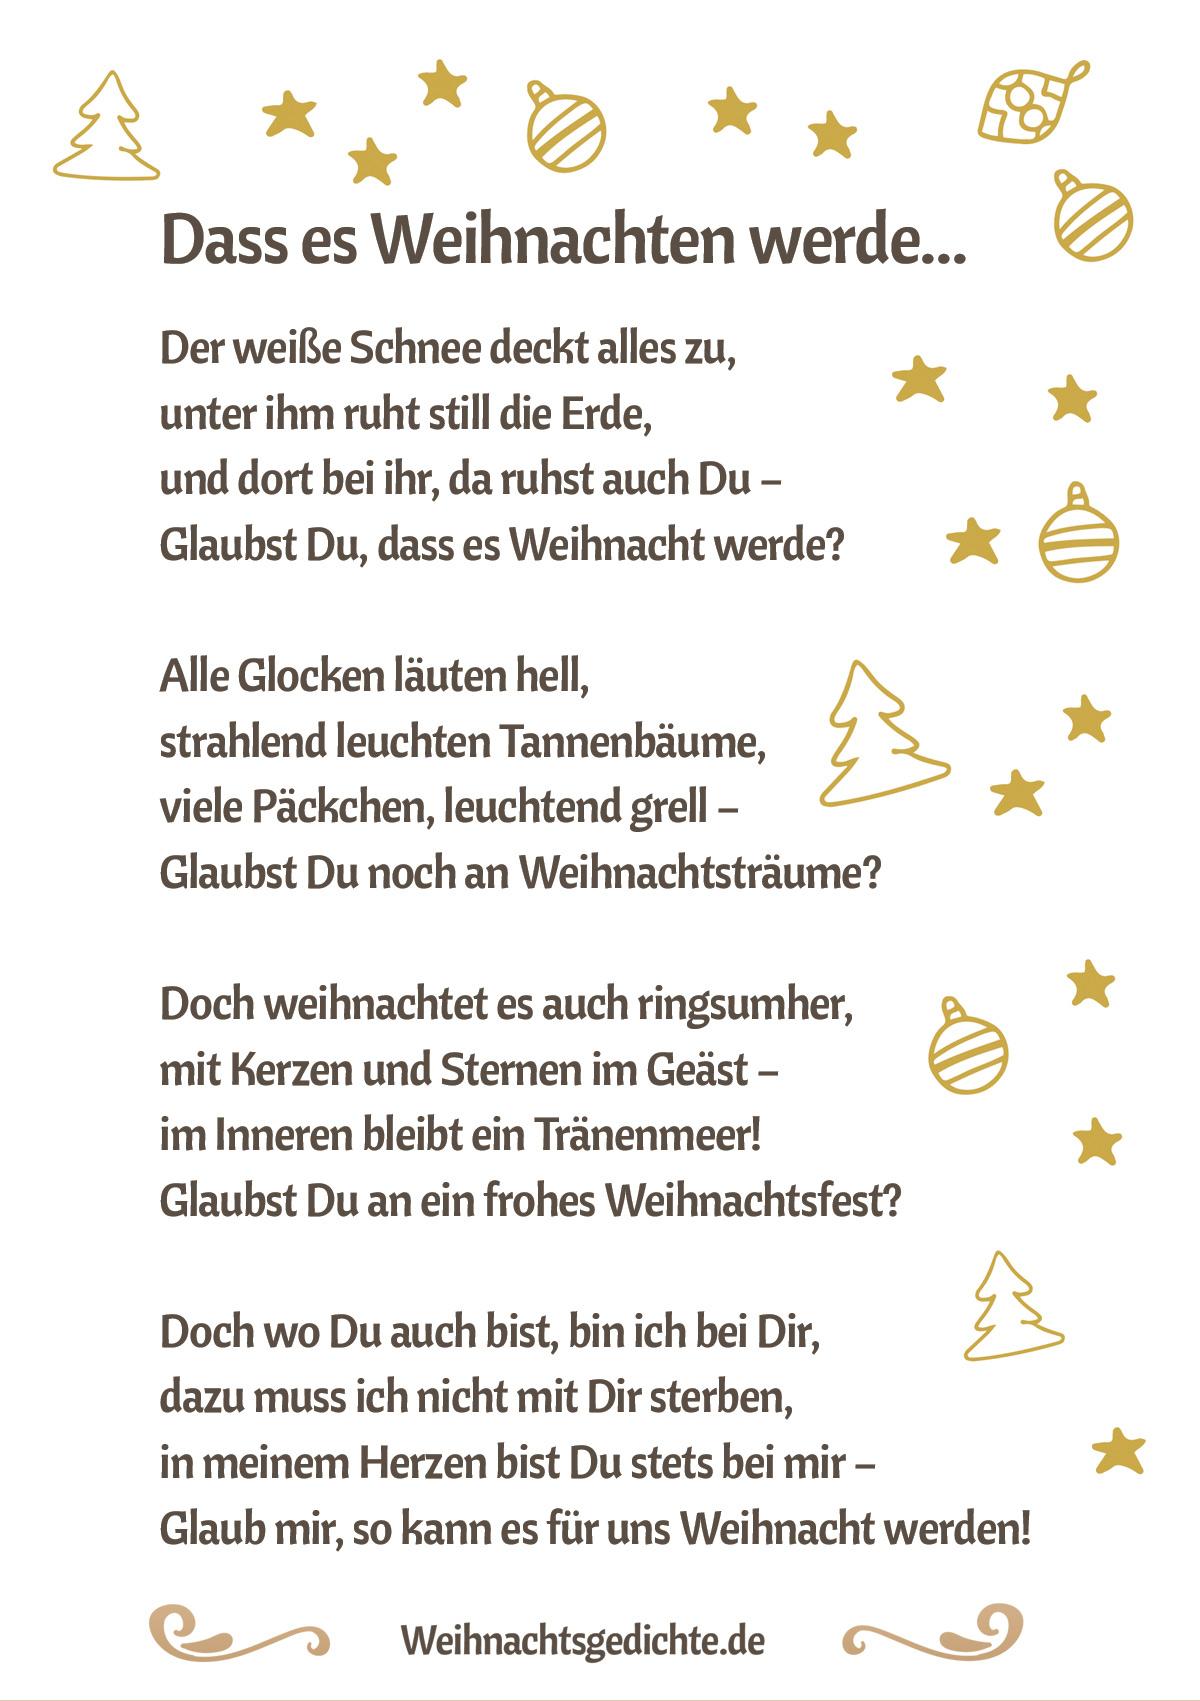 Weihnachtsgedichte Bilder Zum Versenden Als E-Mail Oder Facebook für Kleine Weihnachtsgedichte Für Kinder